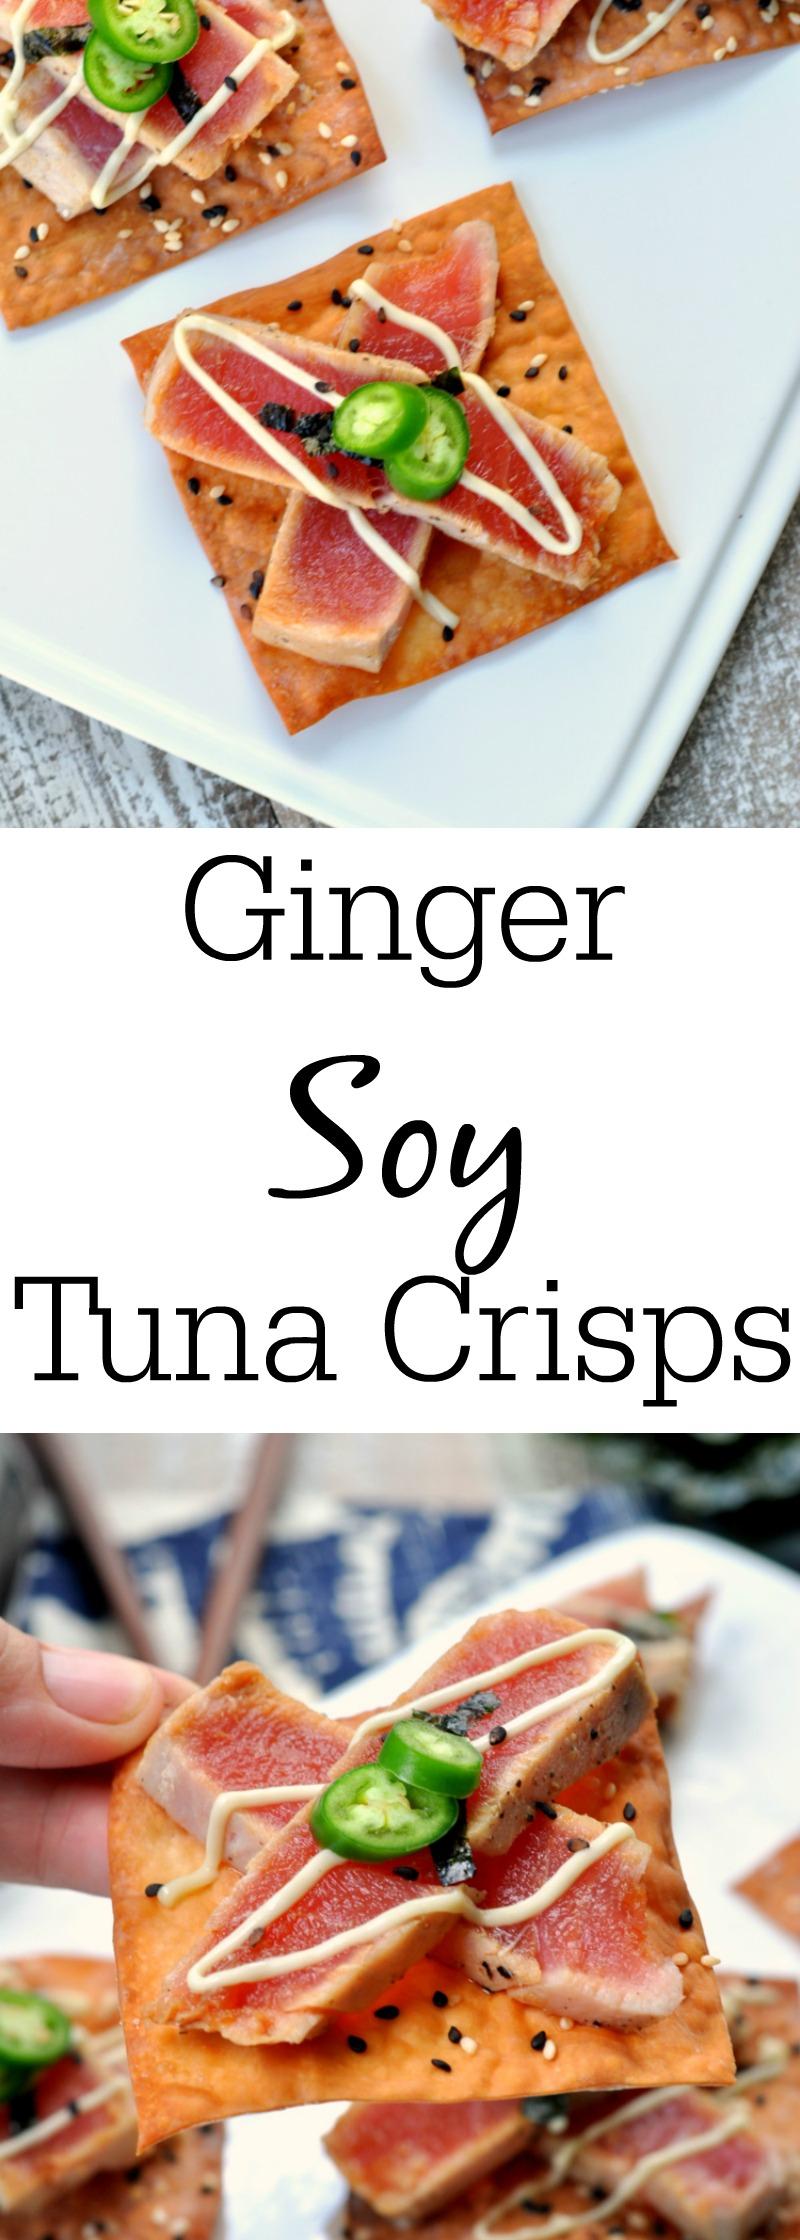 Wasabi Ginger Soy Tuna Crisps - My Suburban Kitchen